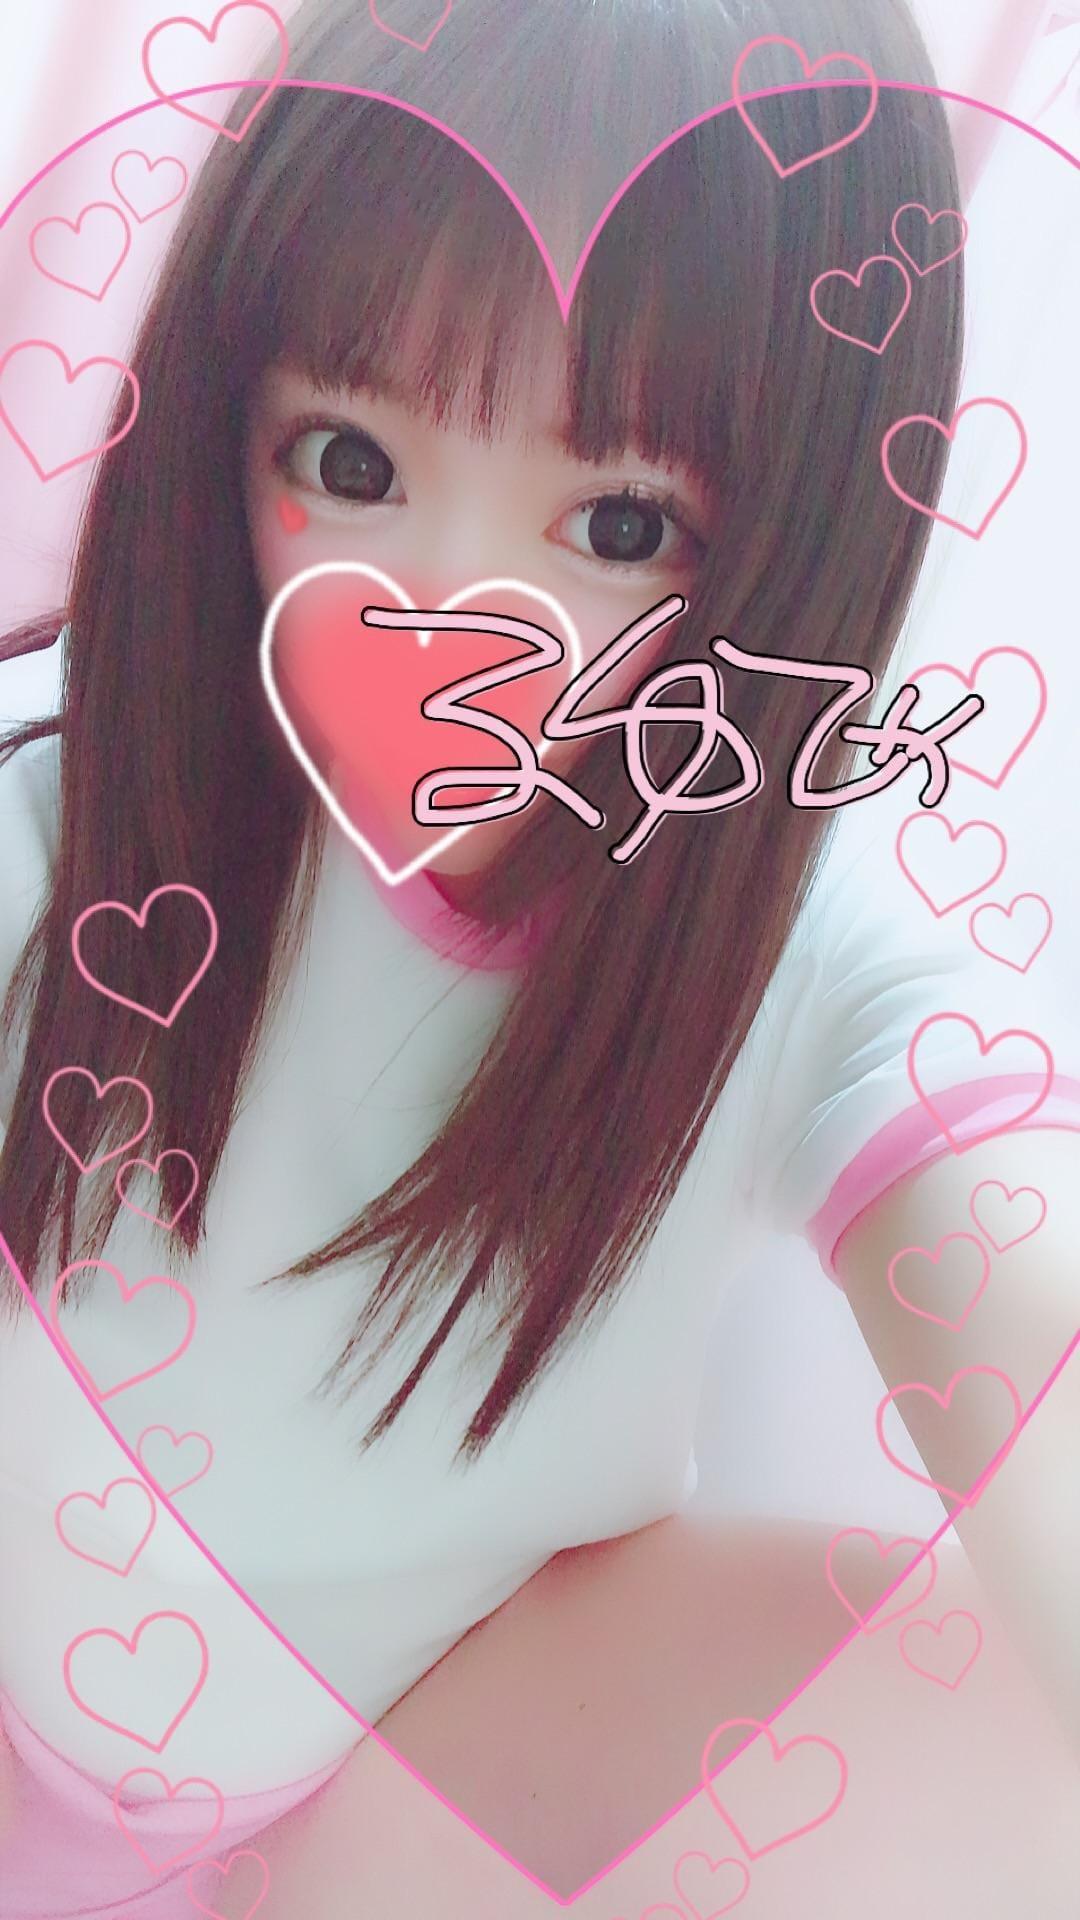 「わ〜♡」12/06(木) 20:00 | いおり☆激かわの写メ・風俗動画